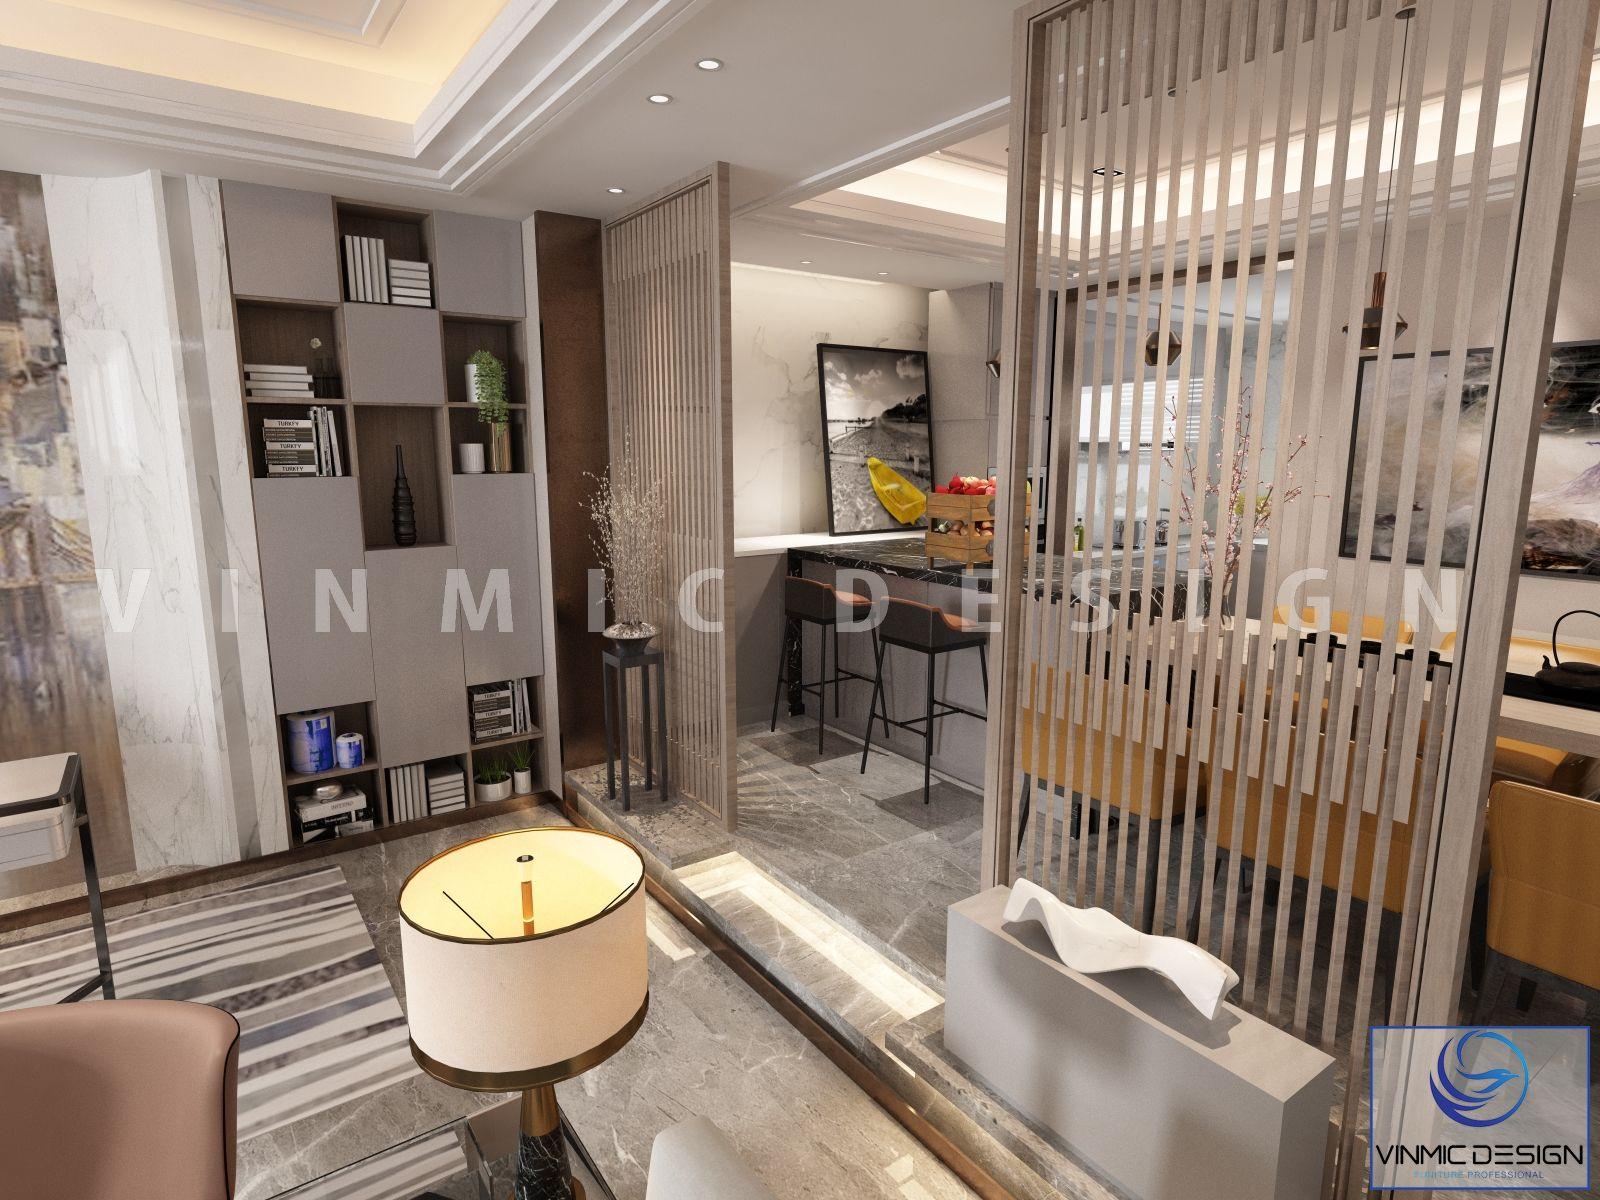 Thiết kế nội thất phòng khách và phòng bếp ngăn cách nhau bởi vách ngăn gỗ sang trọng